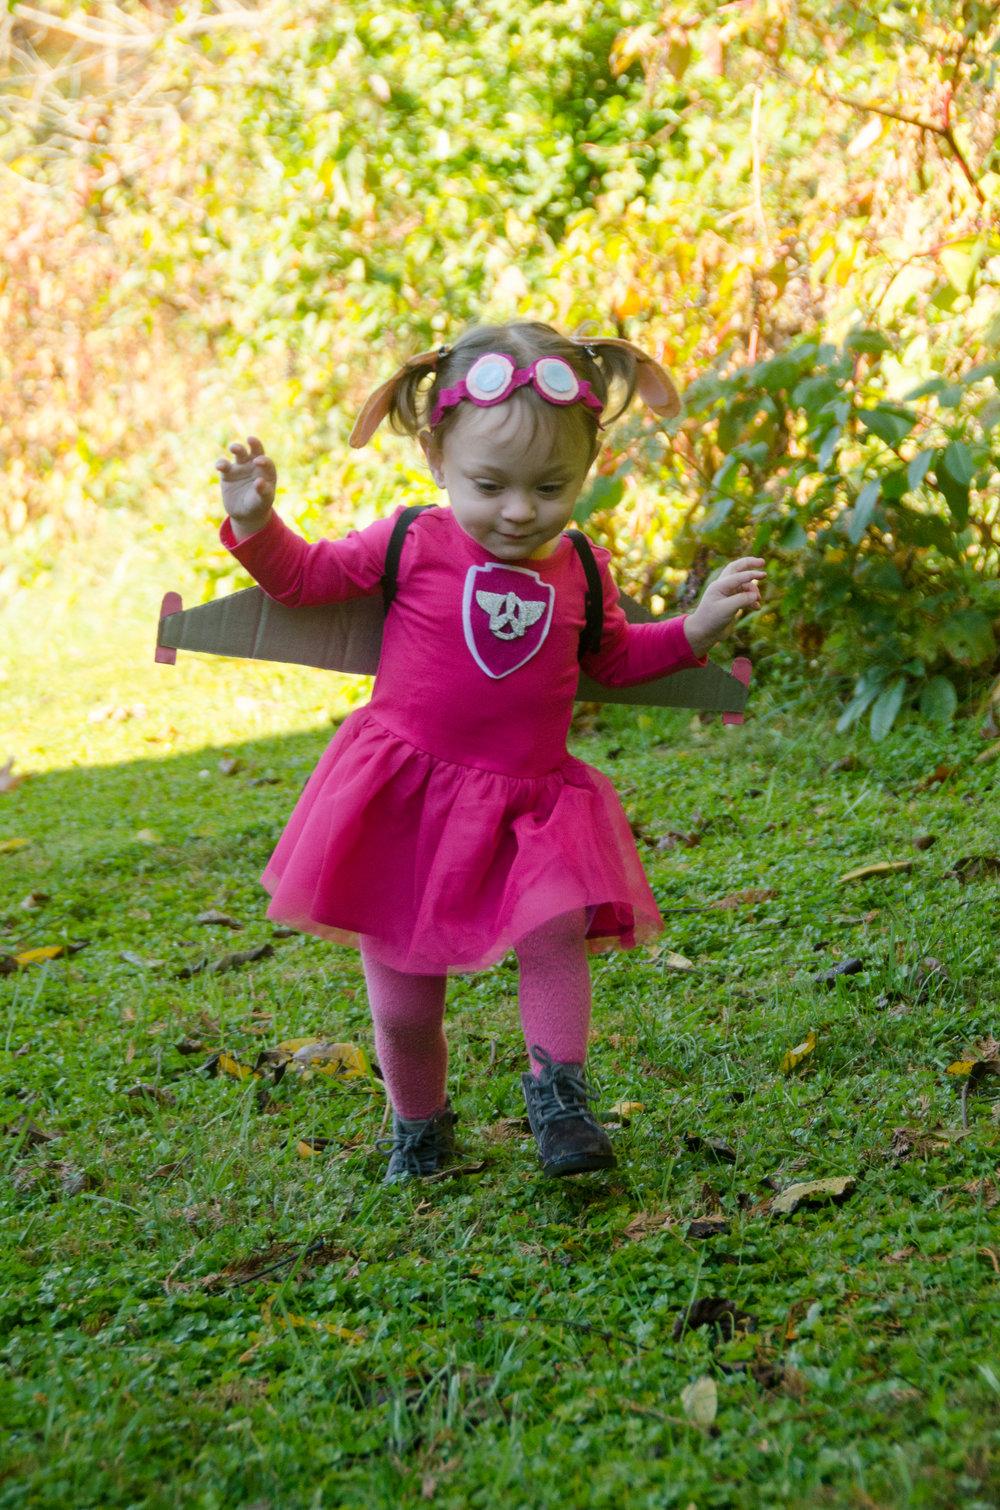 addie belle - 2 years old - october 2017 - shegotguts.com-7.jpg